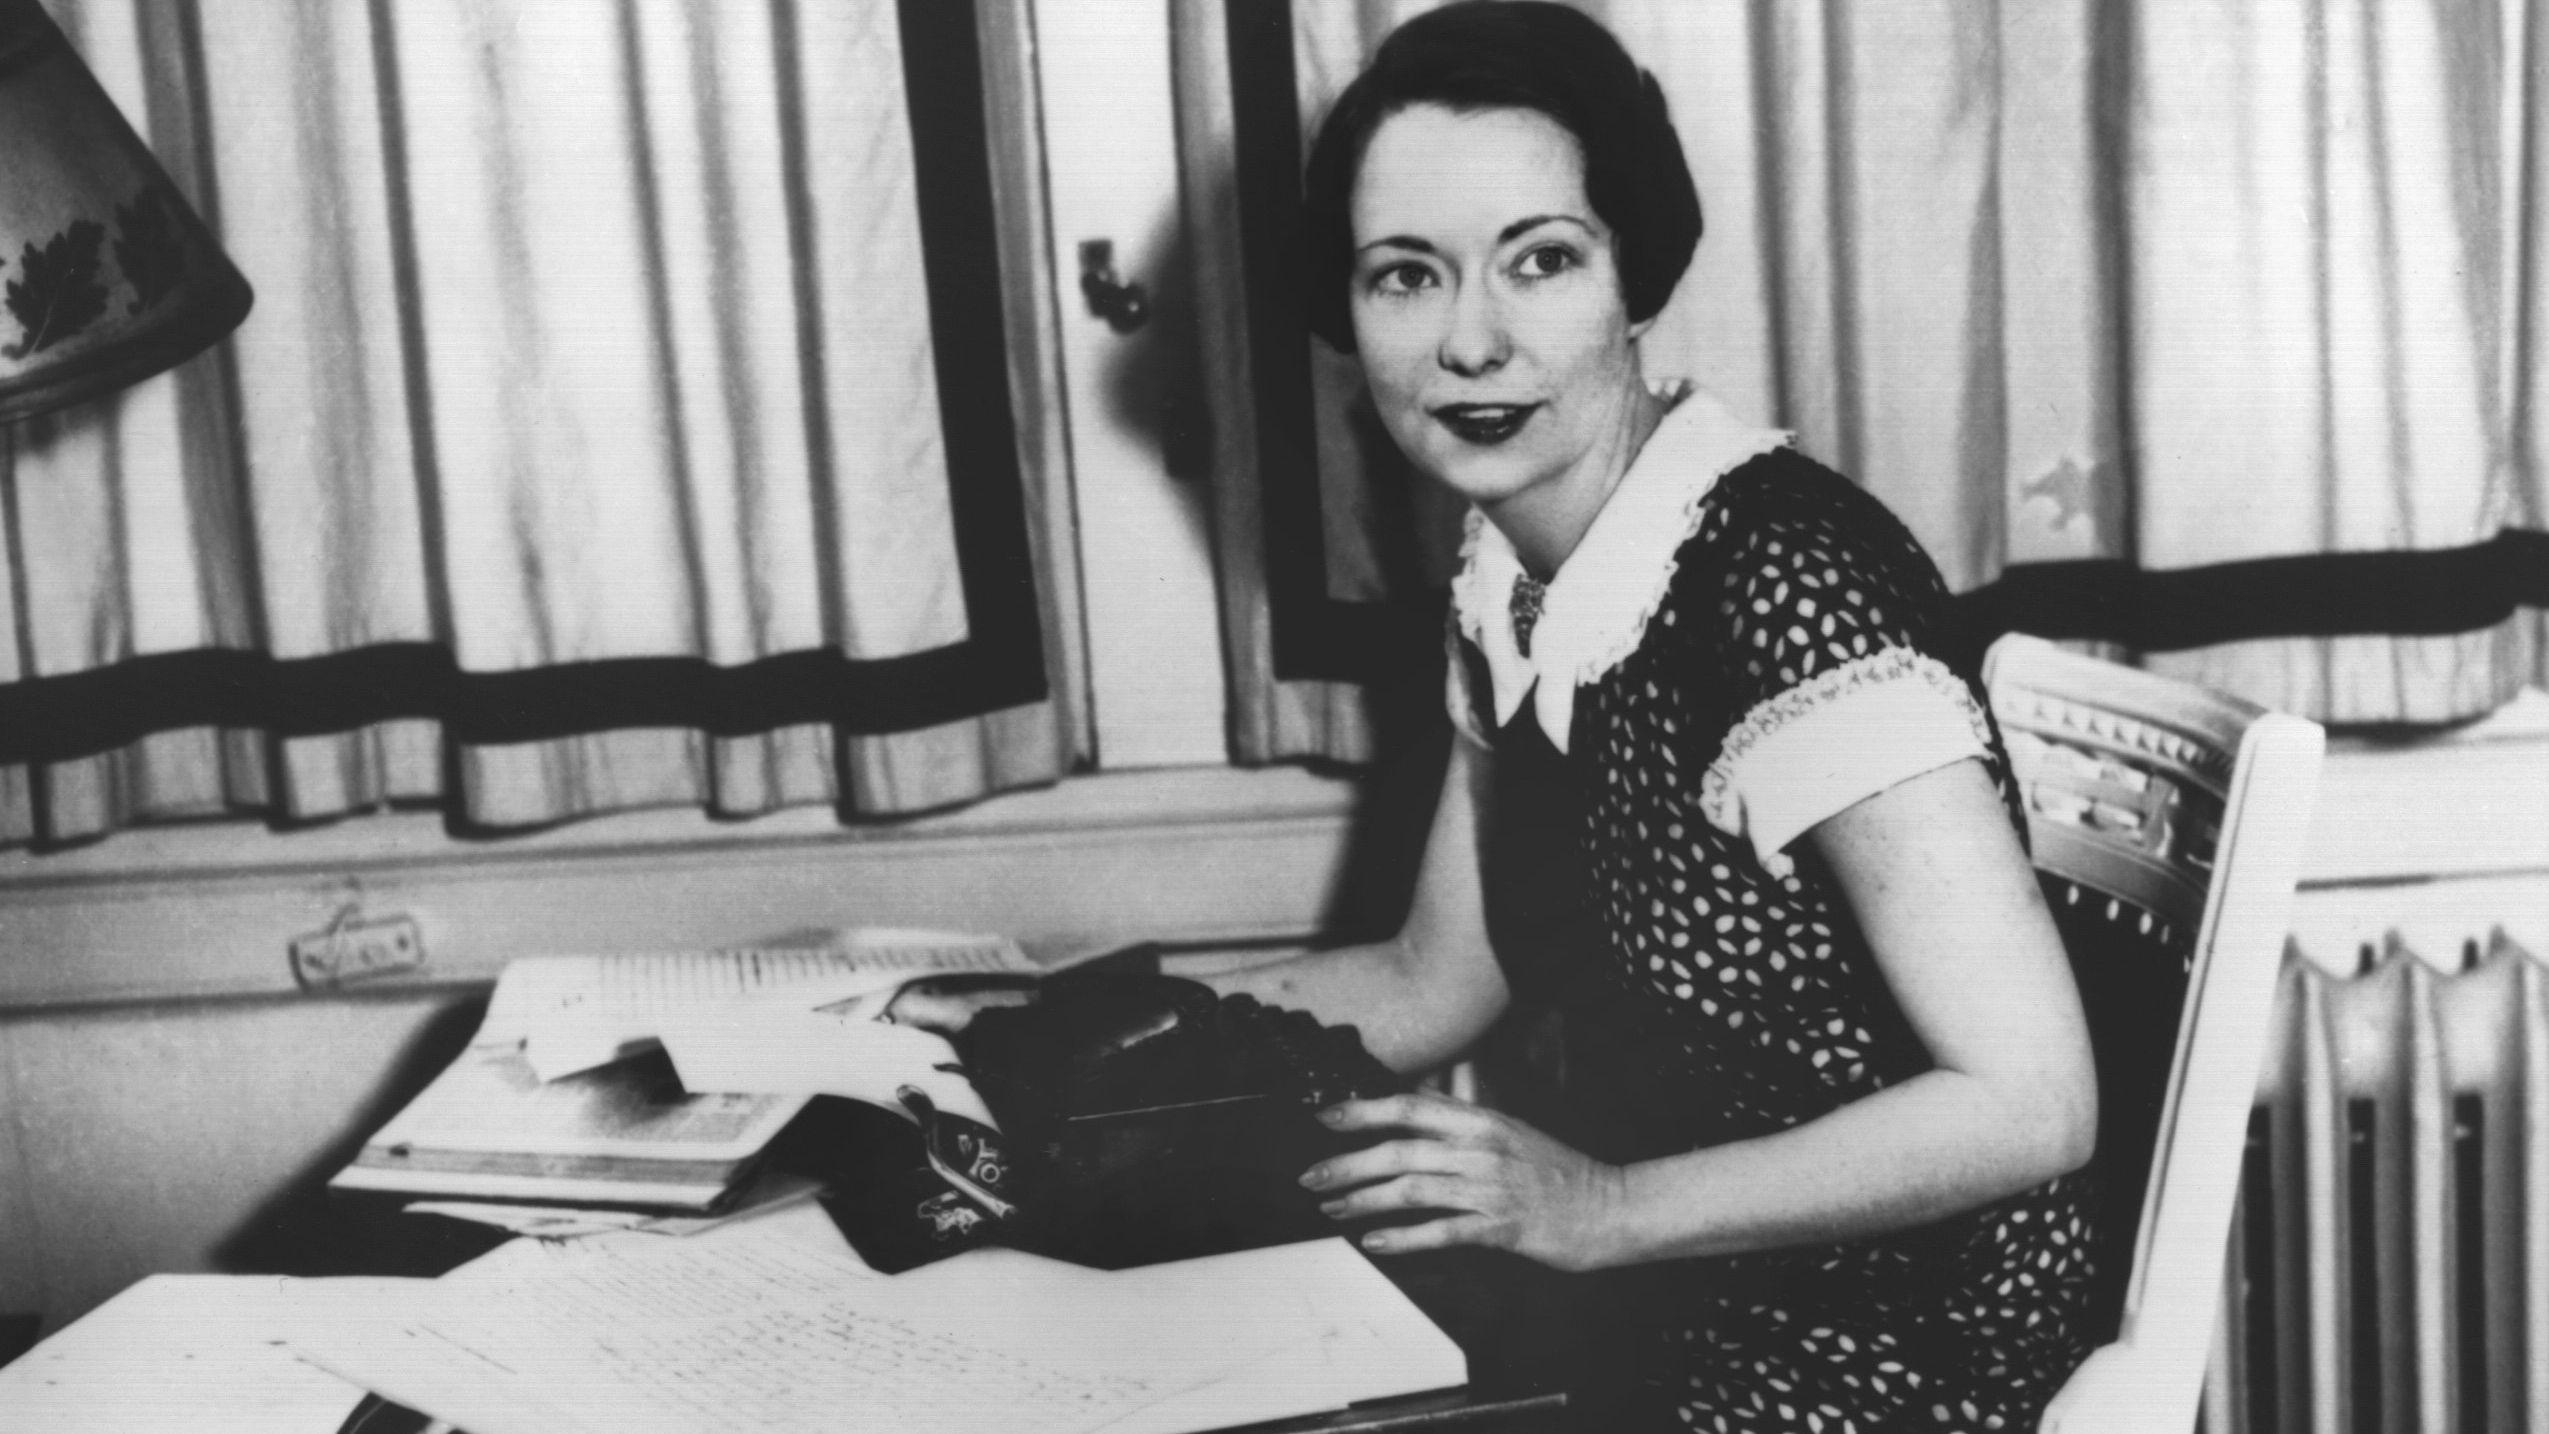 """Die amerikanische Schriftstellerin Margaret Mitchell im Jahr 1936, kurz vor der Veröffentlichung ihres Romans """"Gone with the wind"""". Unter dem Titel """"Vom Wind verweht"""" ist das Buch nun in neuer deutscher Übersetzung erschienen, der ersten nach über 80 Jahren."""